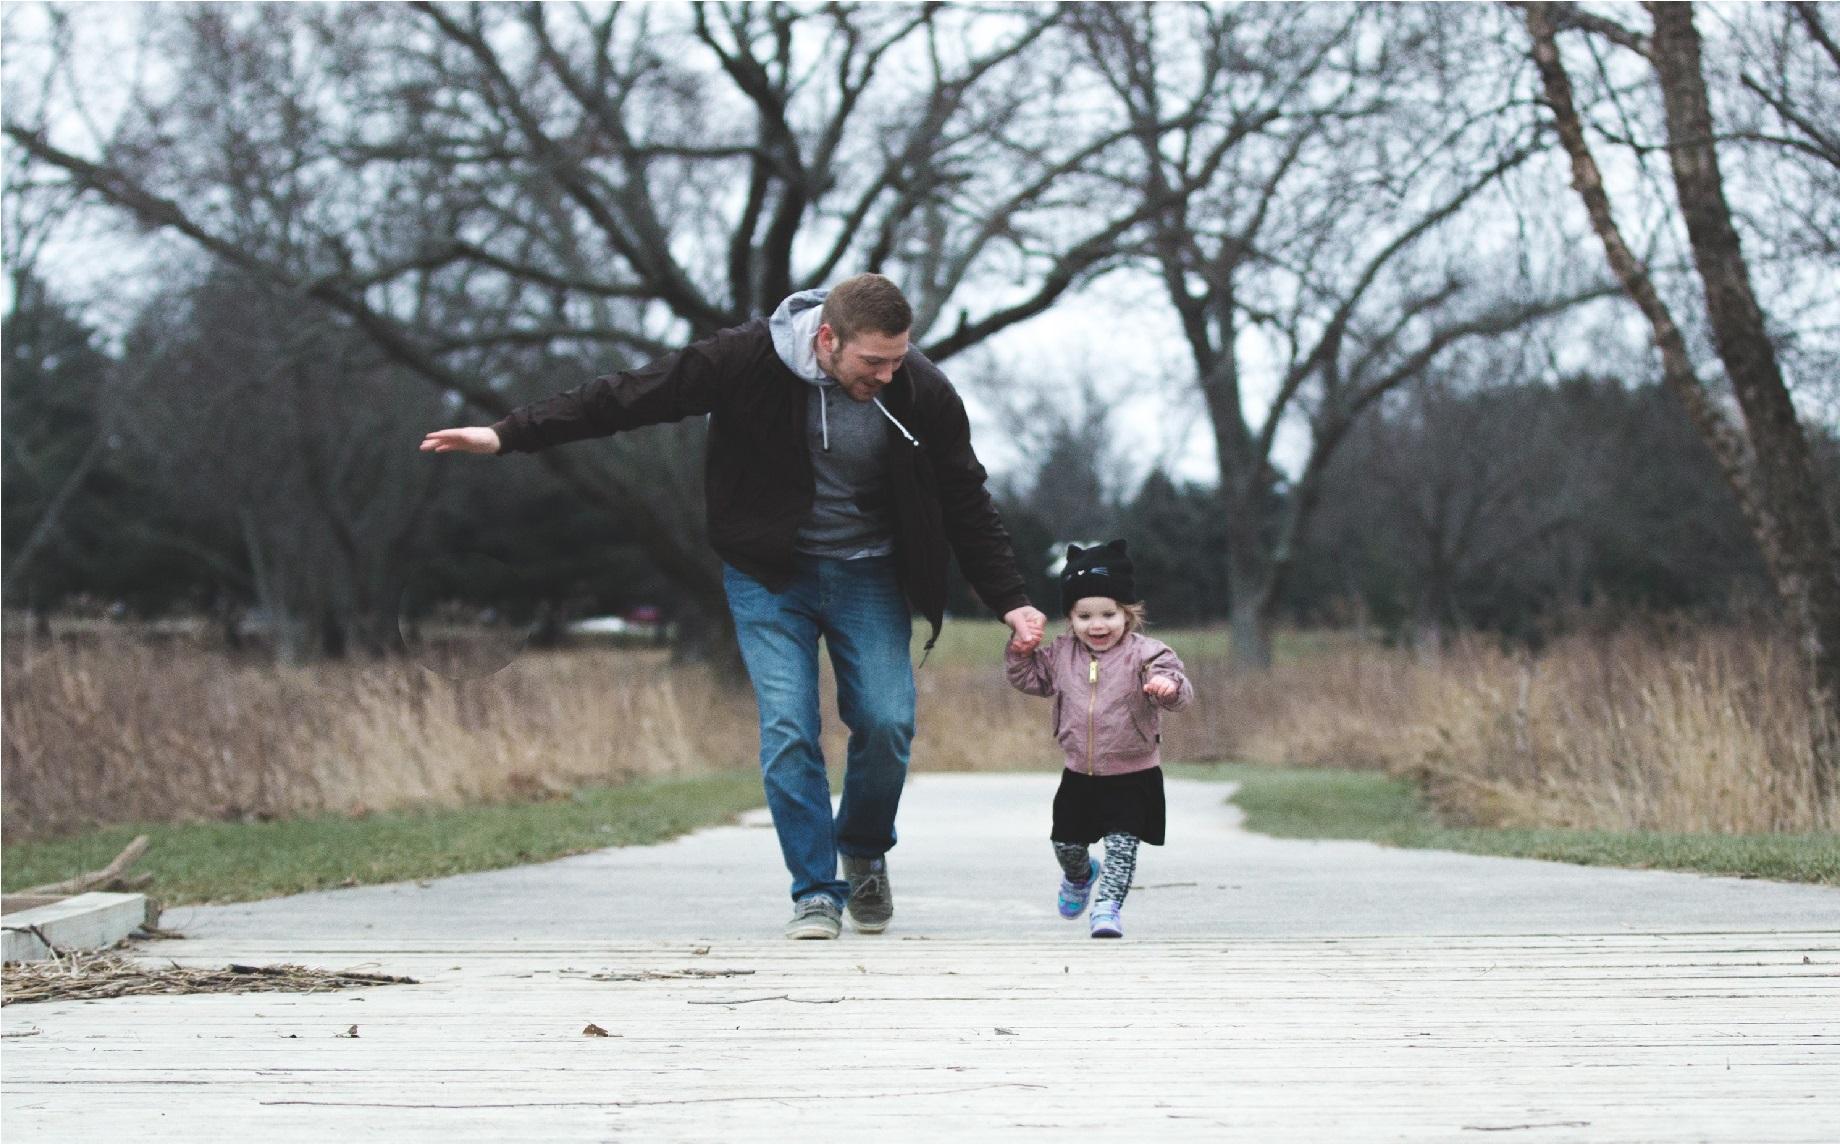 Na foto um pai com uma filha pequena correndo.